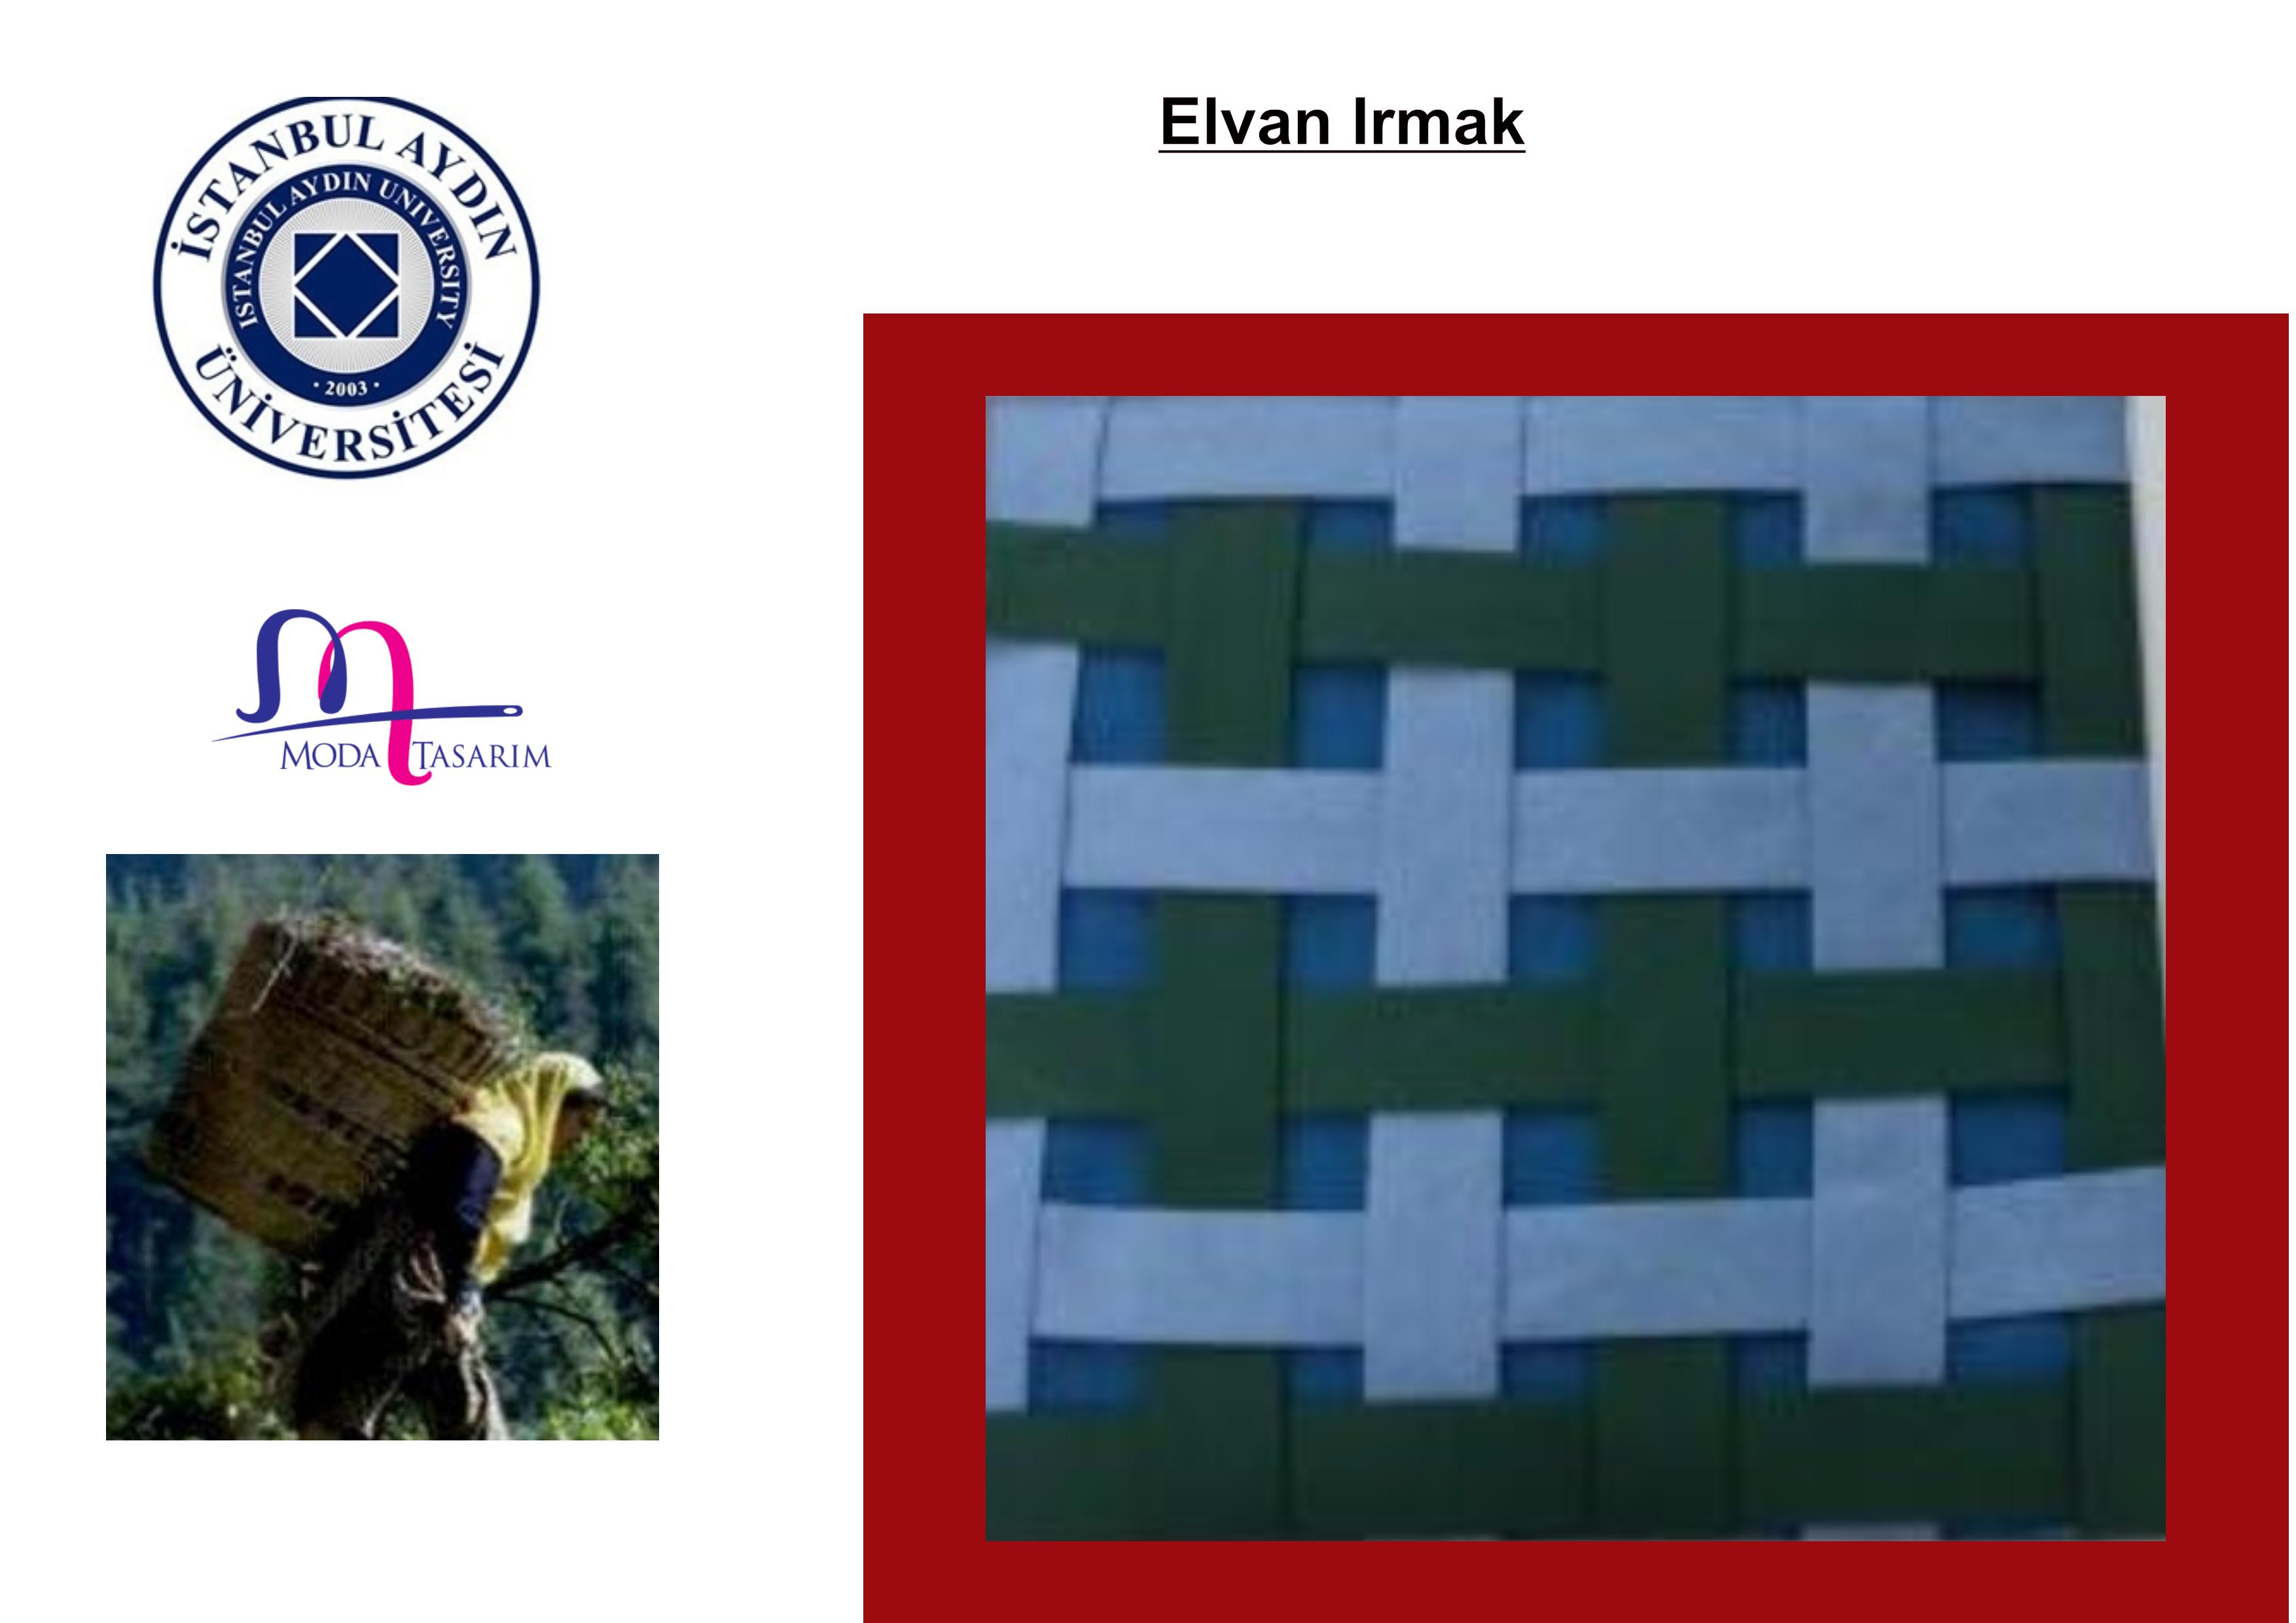 Elvan Irmak